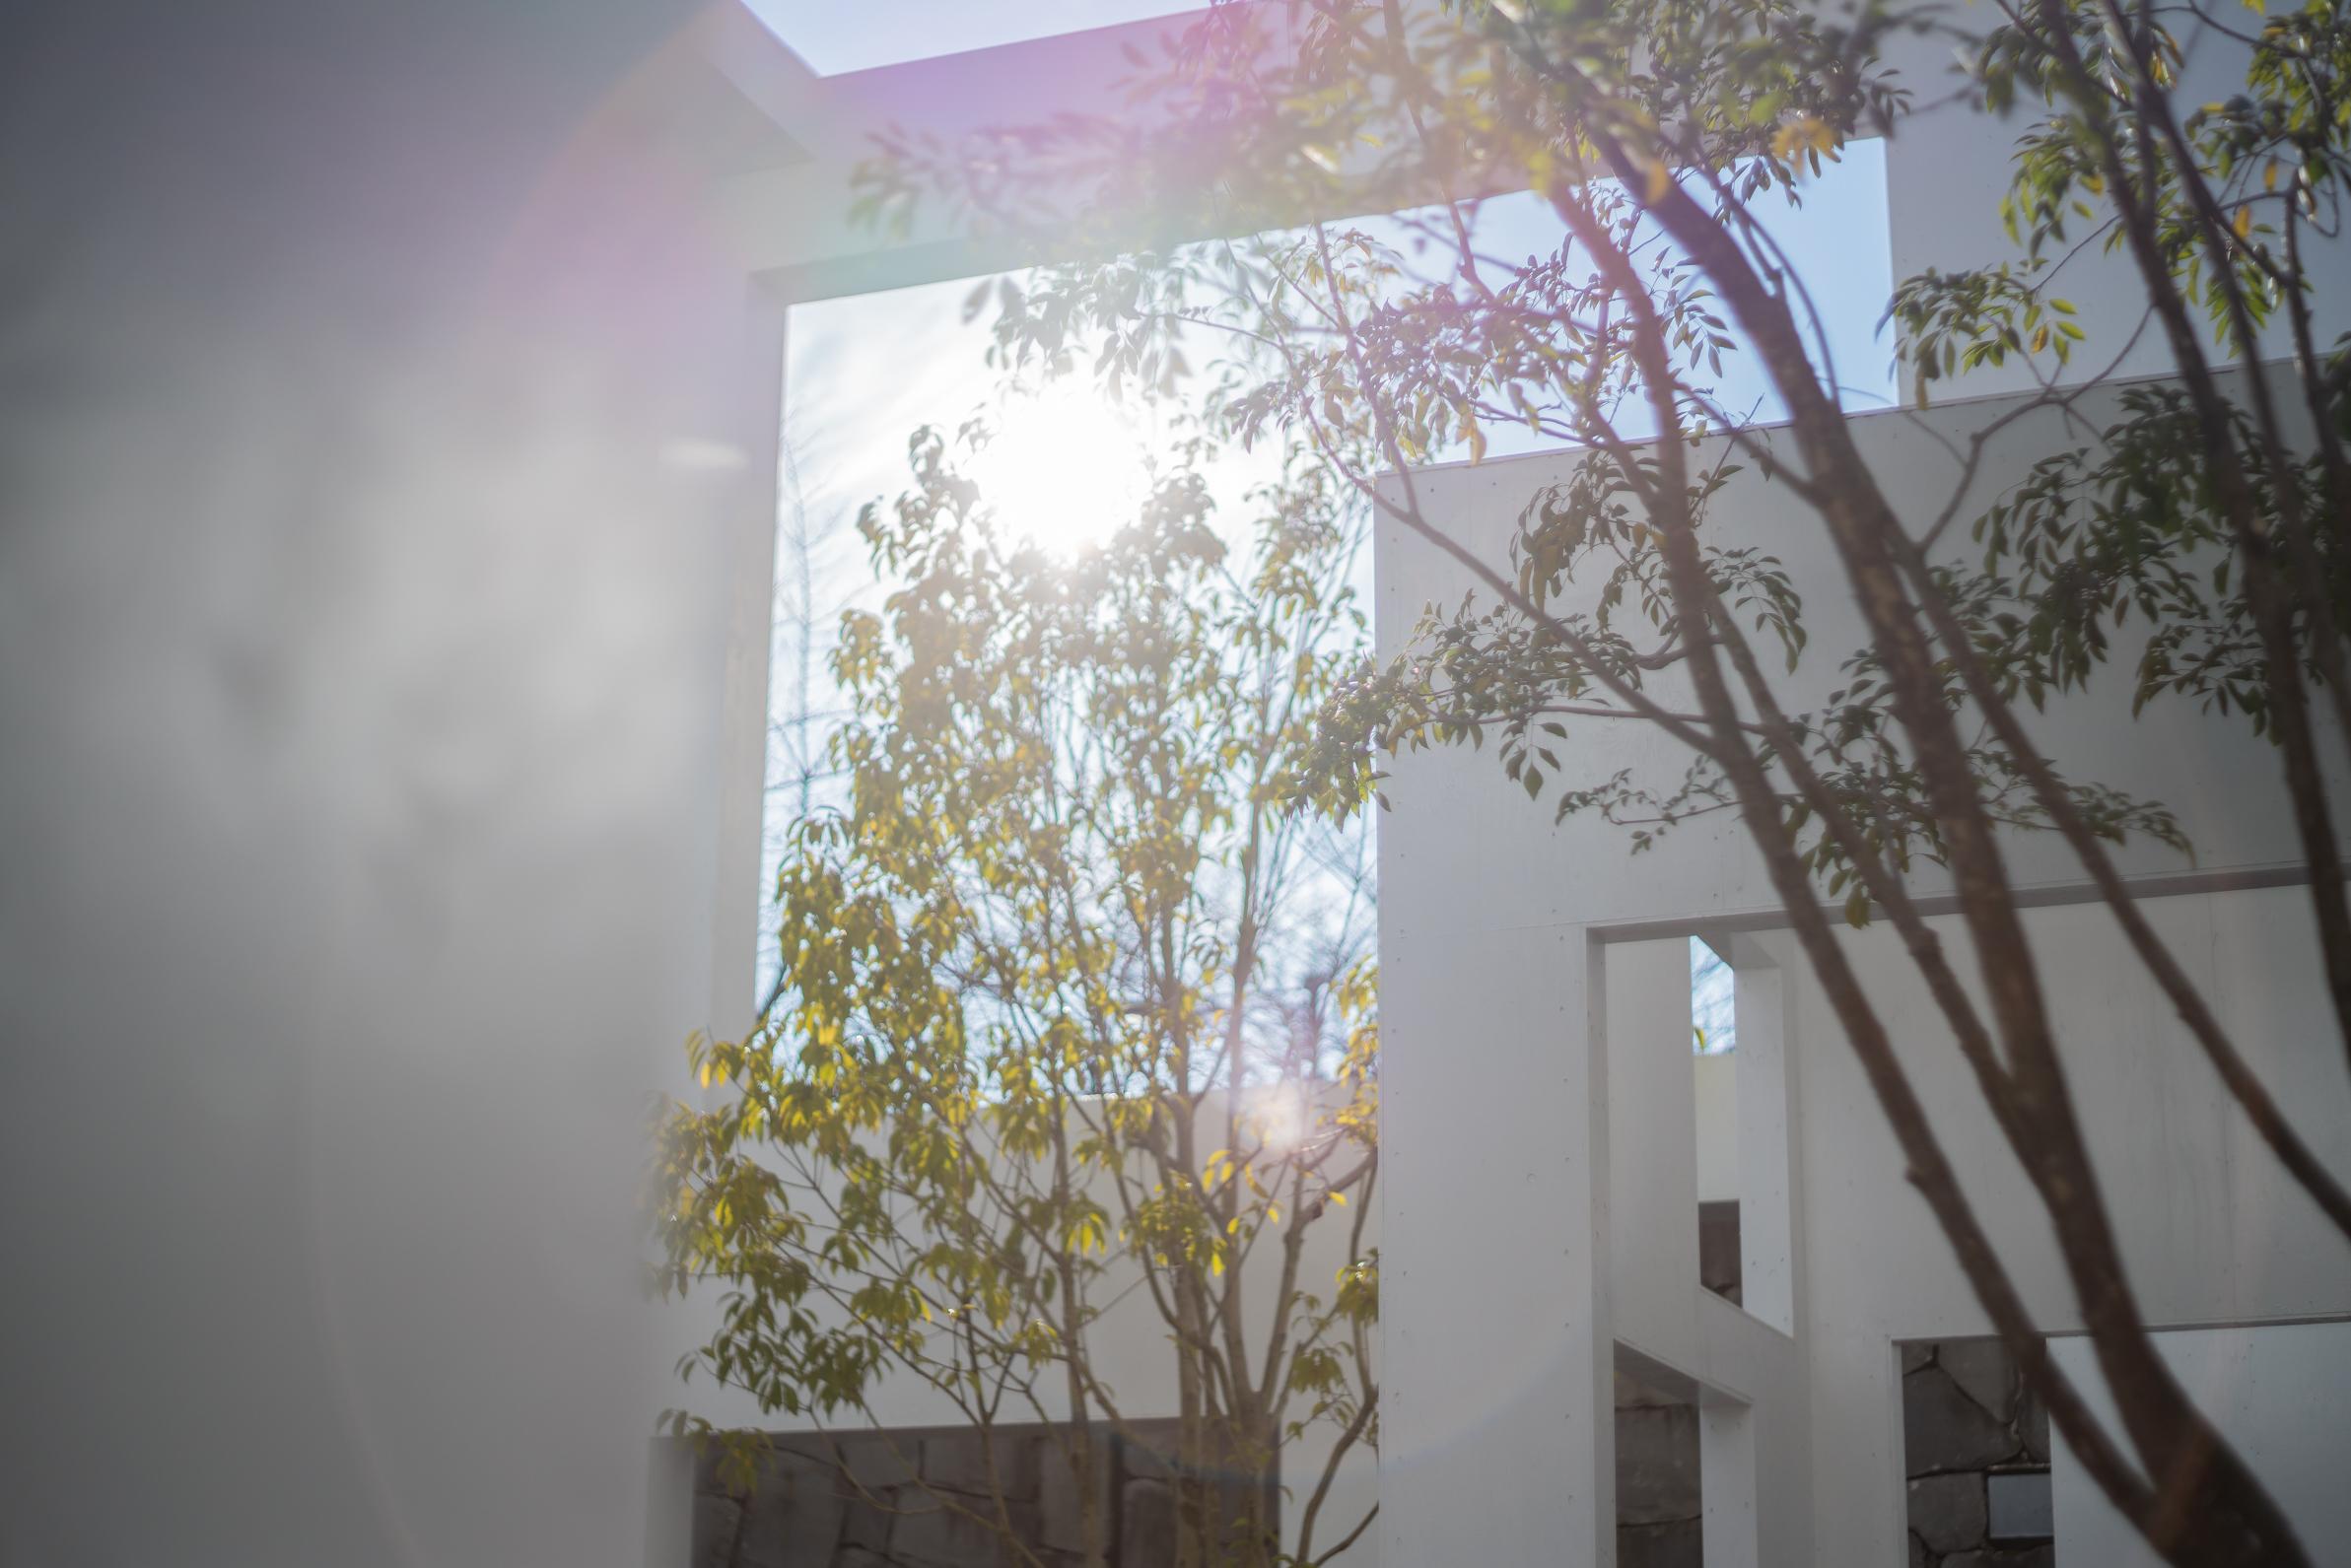 2020.01.19 東京国立近代美術館 窓展-19.jpg